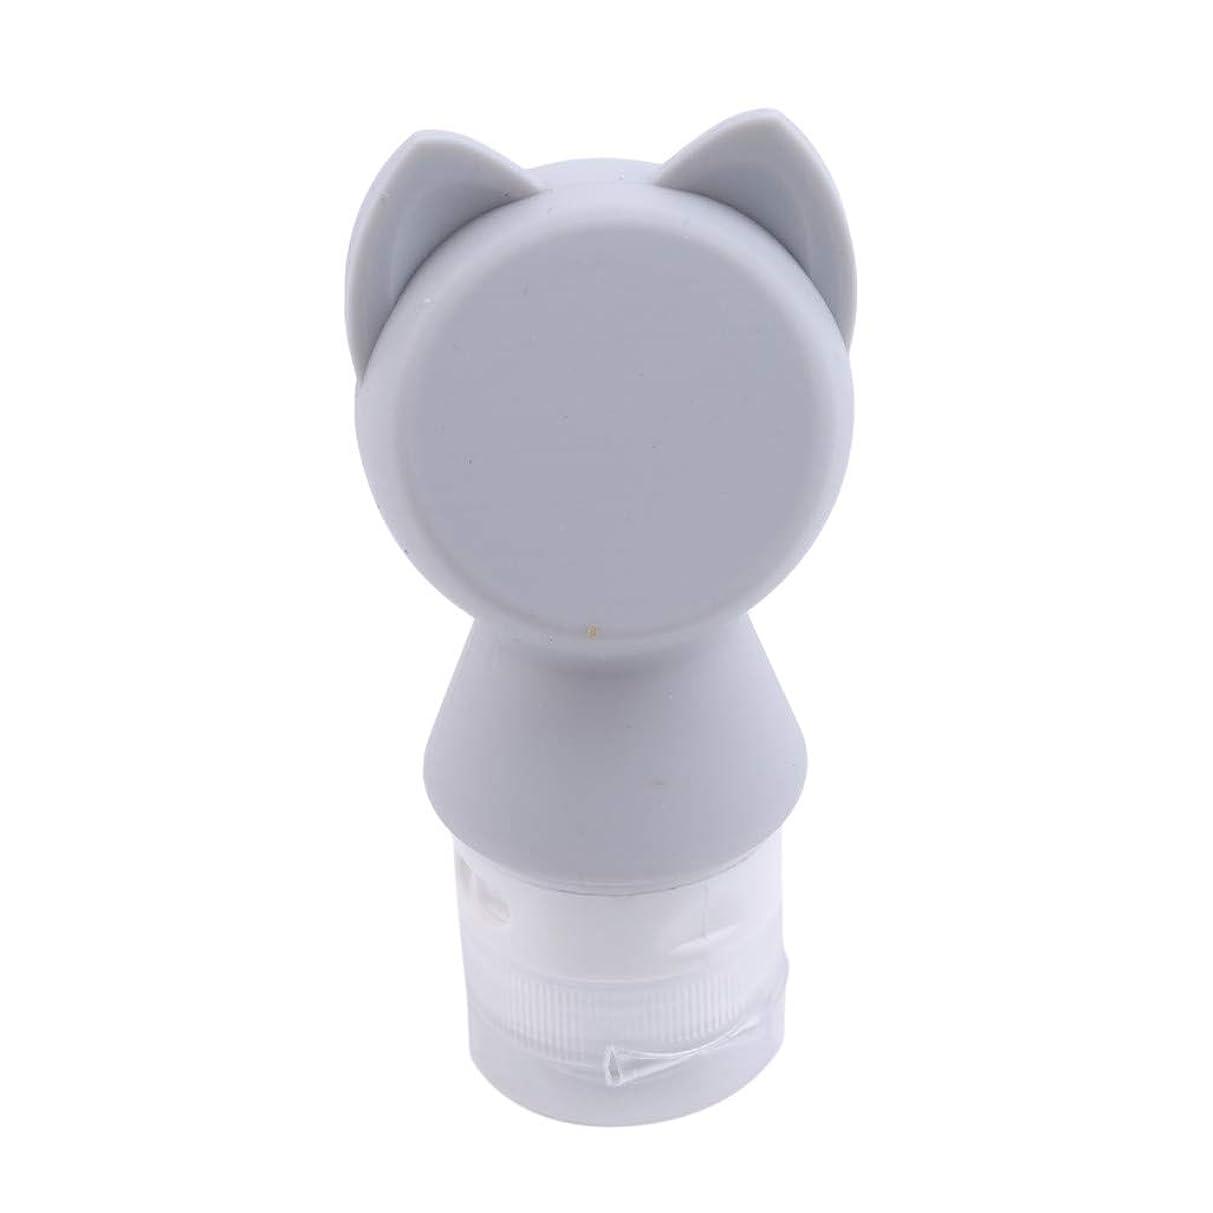 ノベルティレイアウトサラダWEILYDF 小分けボトル 詰め替え容器 携帯用 コスメ用 シャンプー クリーム 化粧品用 収納 海外 旅行用品 漏れ防止